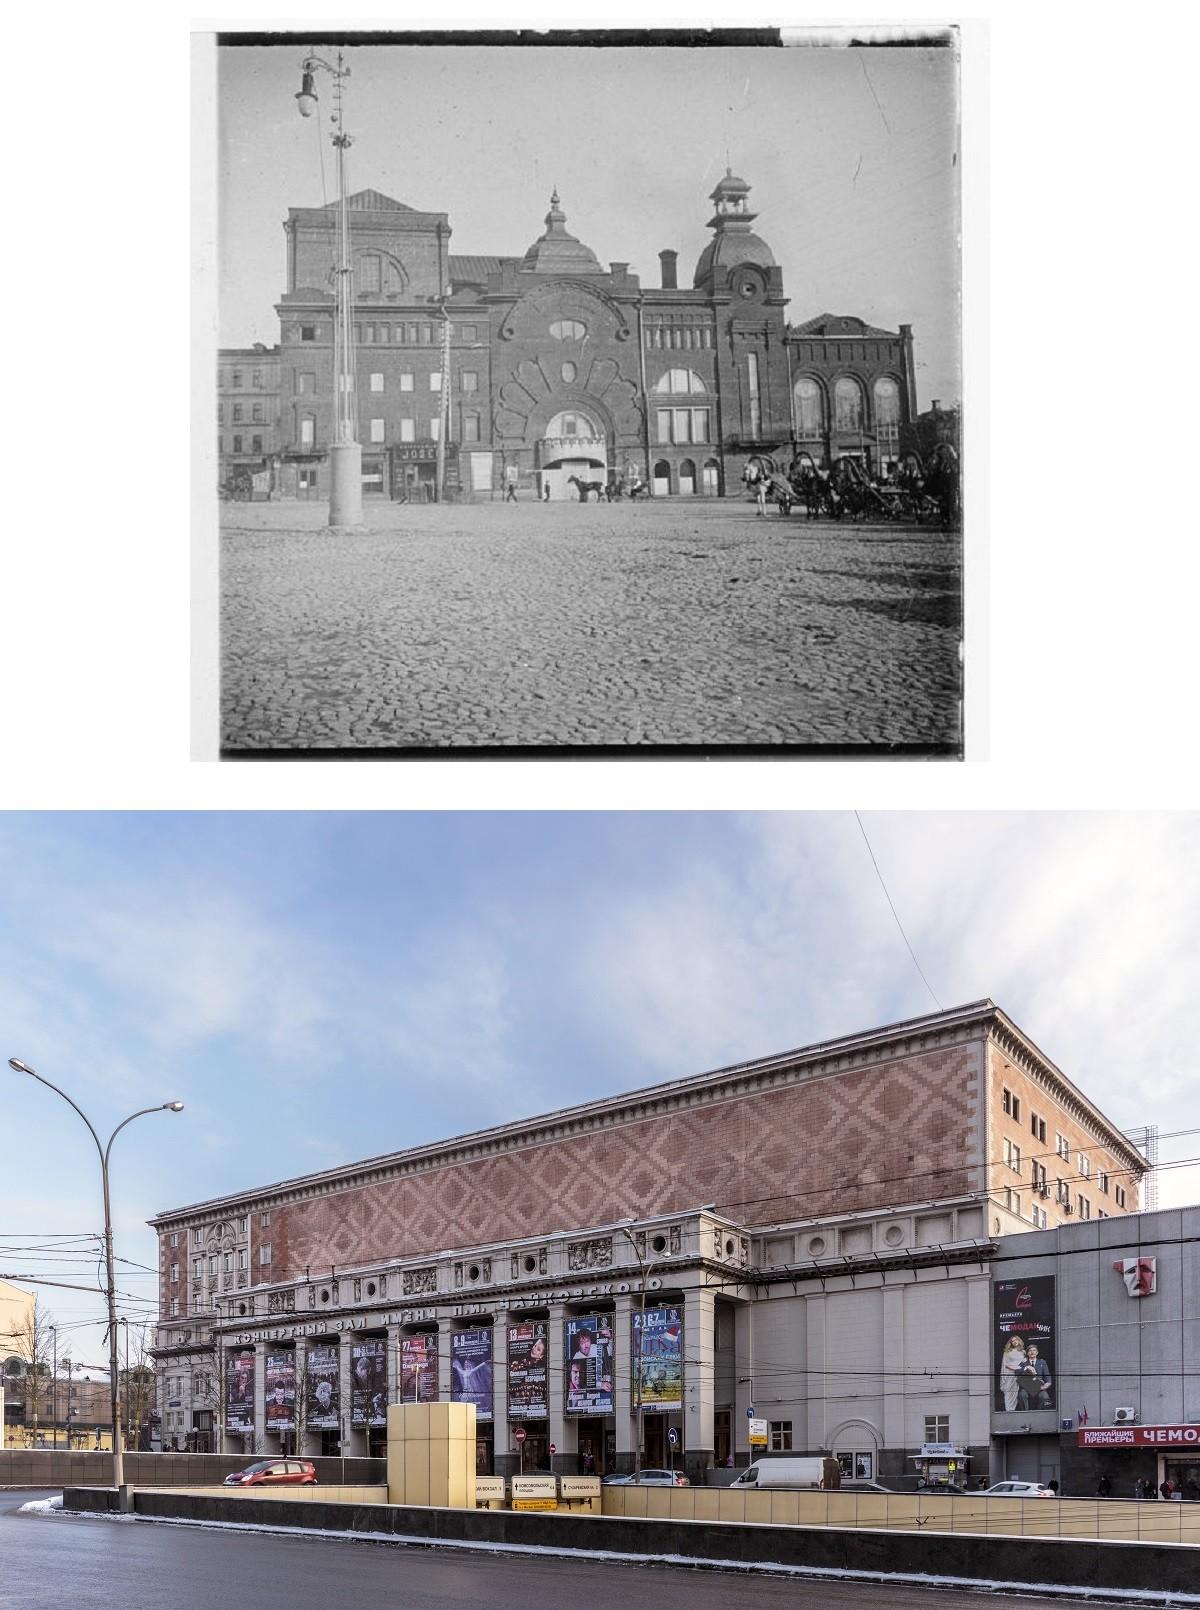 Le grand théâtre de Charles Aumont et la salle de concert Tchaïkovski